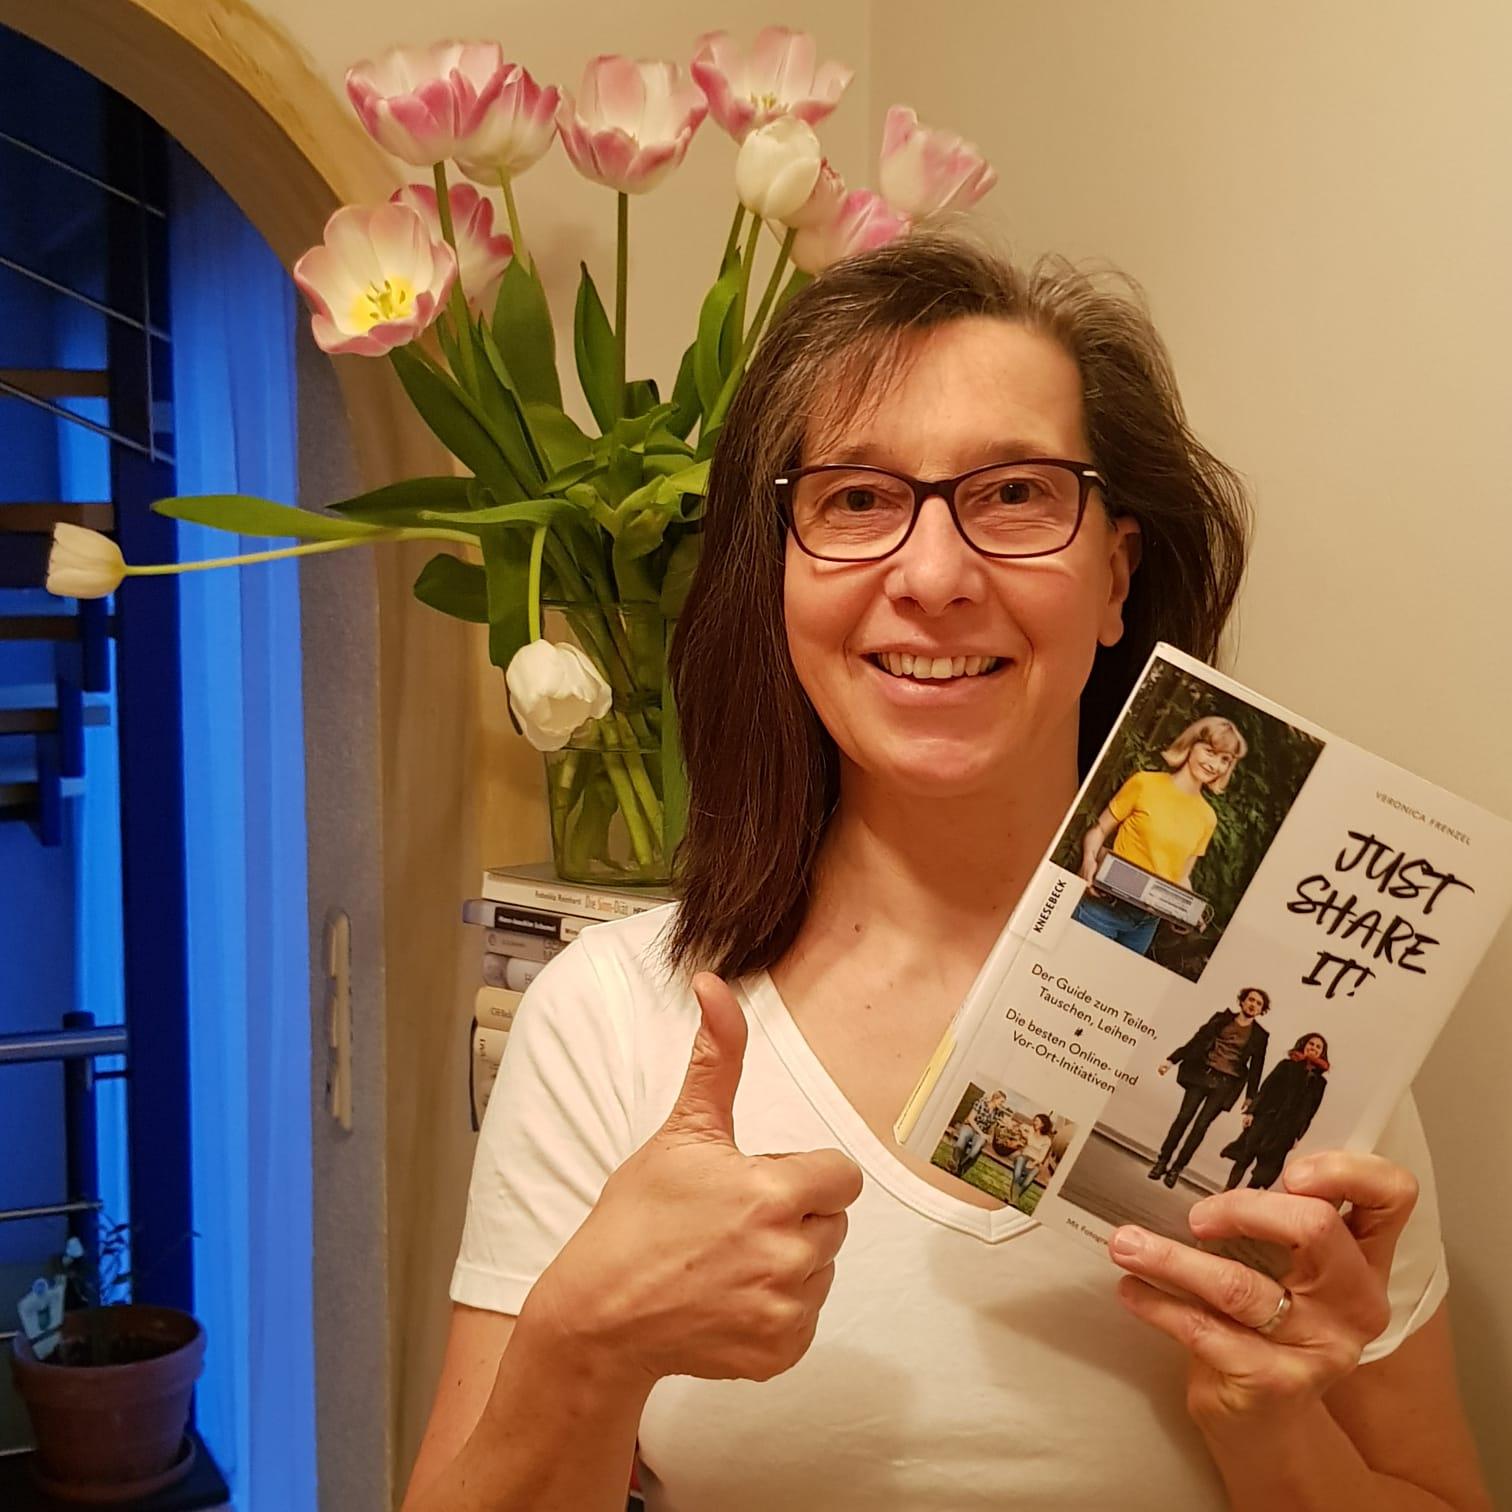 Frau Geyrhalter präsentiert das Buch just share it von Veronika Frenzel